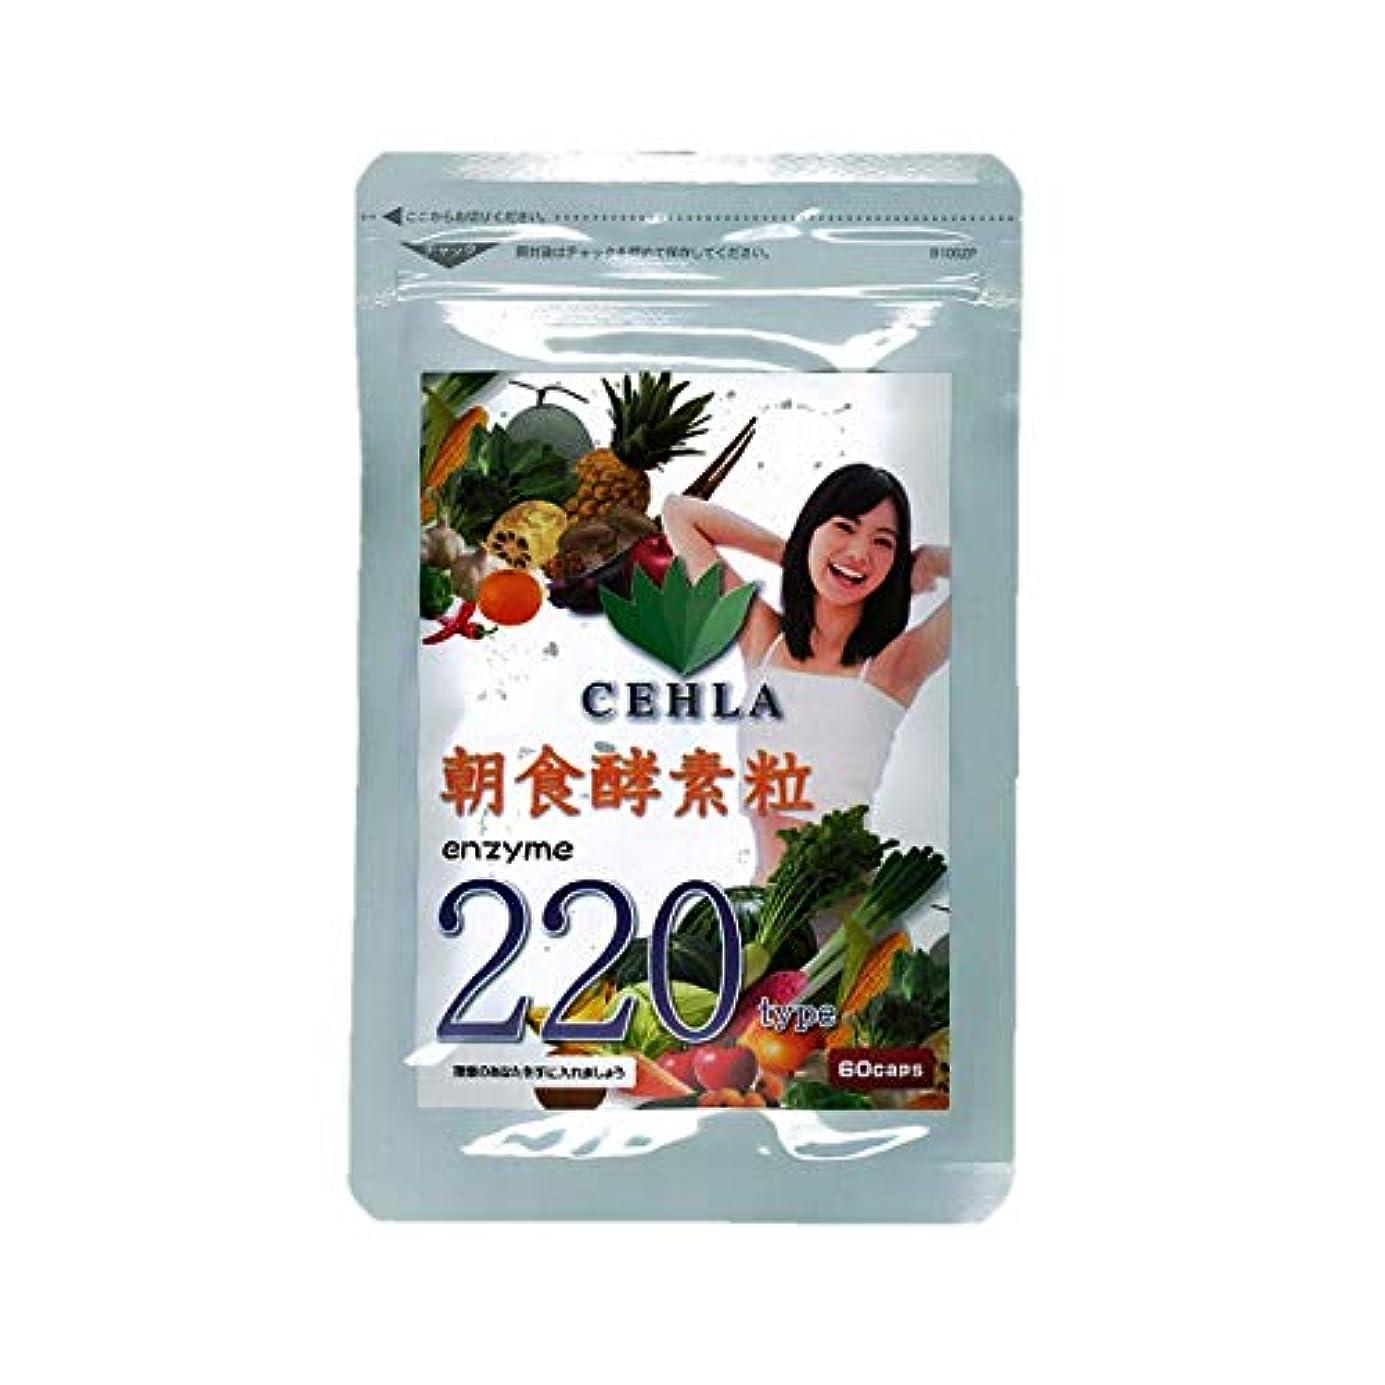 準備した優雅三番セーラ朝食酵素粒エンザイム220種